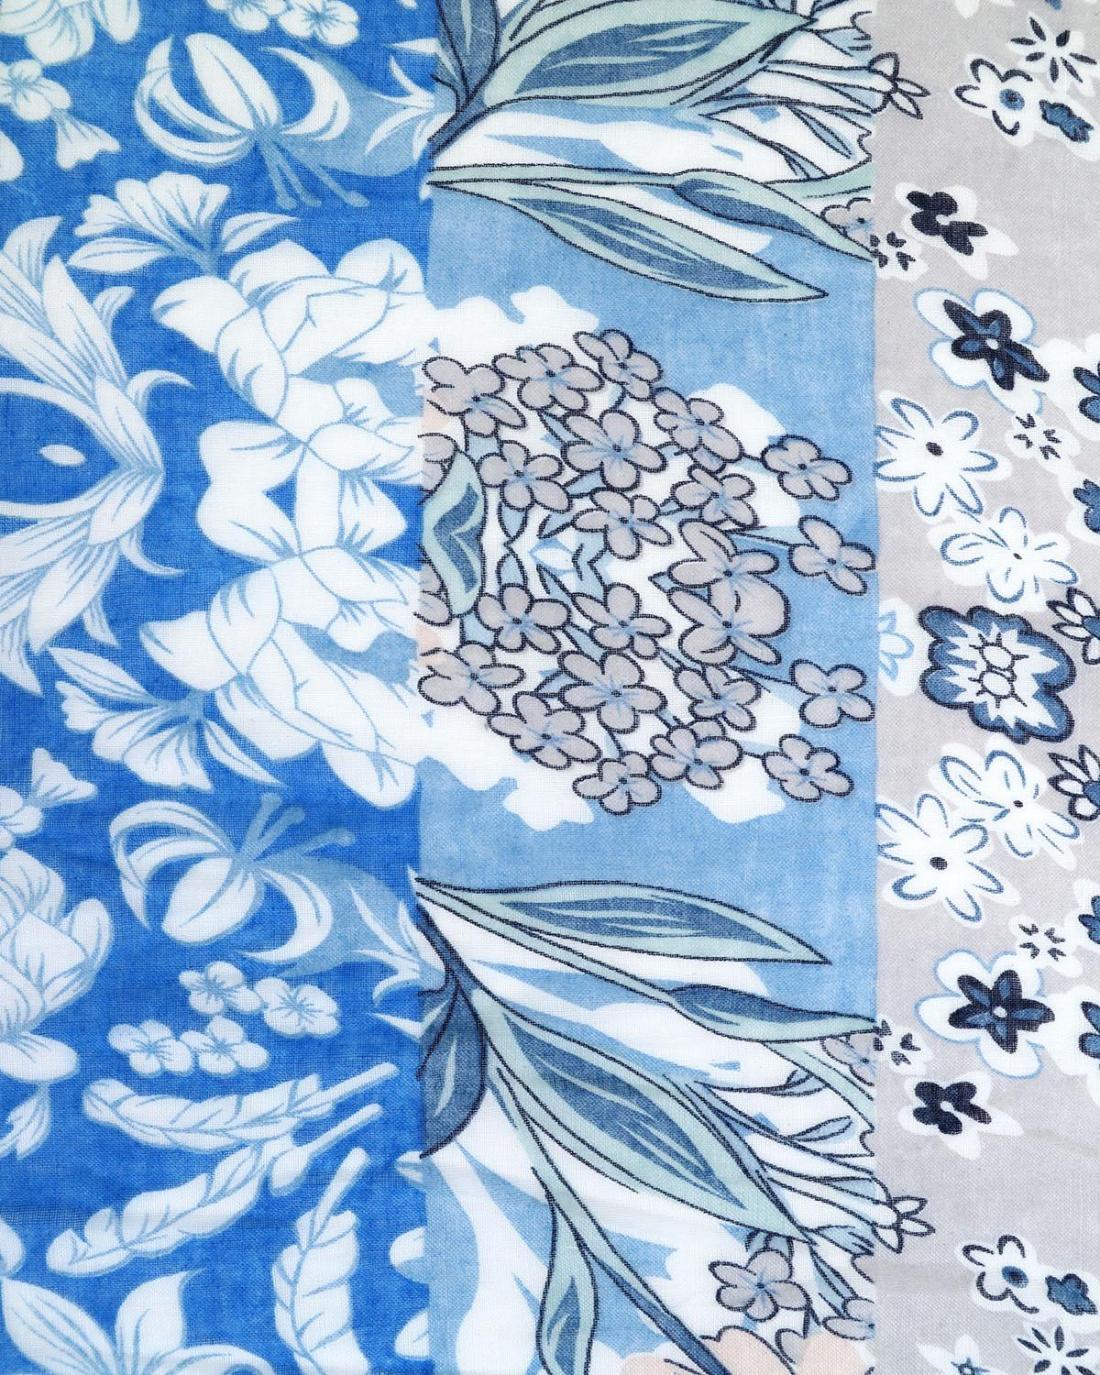 Παρεό-Φουλάρι μπλε